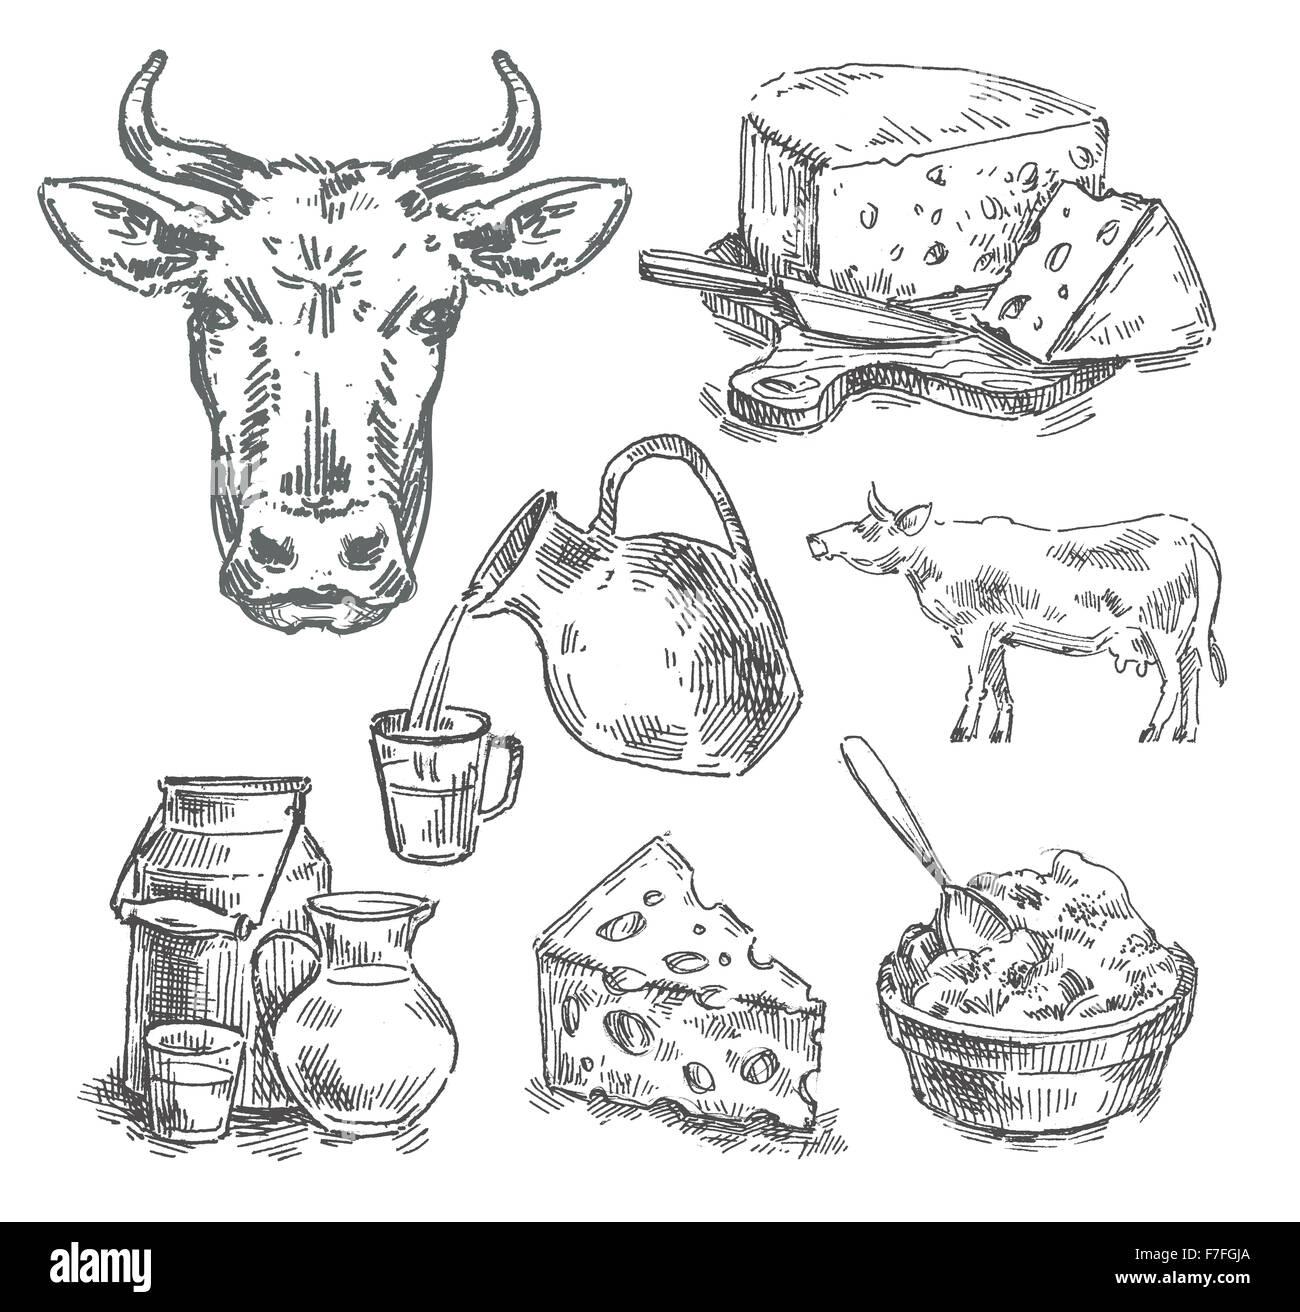 Disegnata a mano di vacca, latte, formaggio. schizzo Immagini Stock